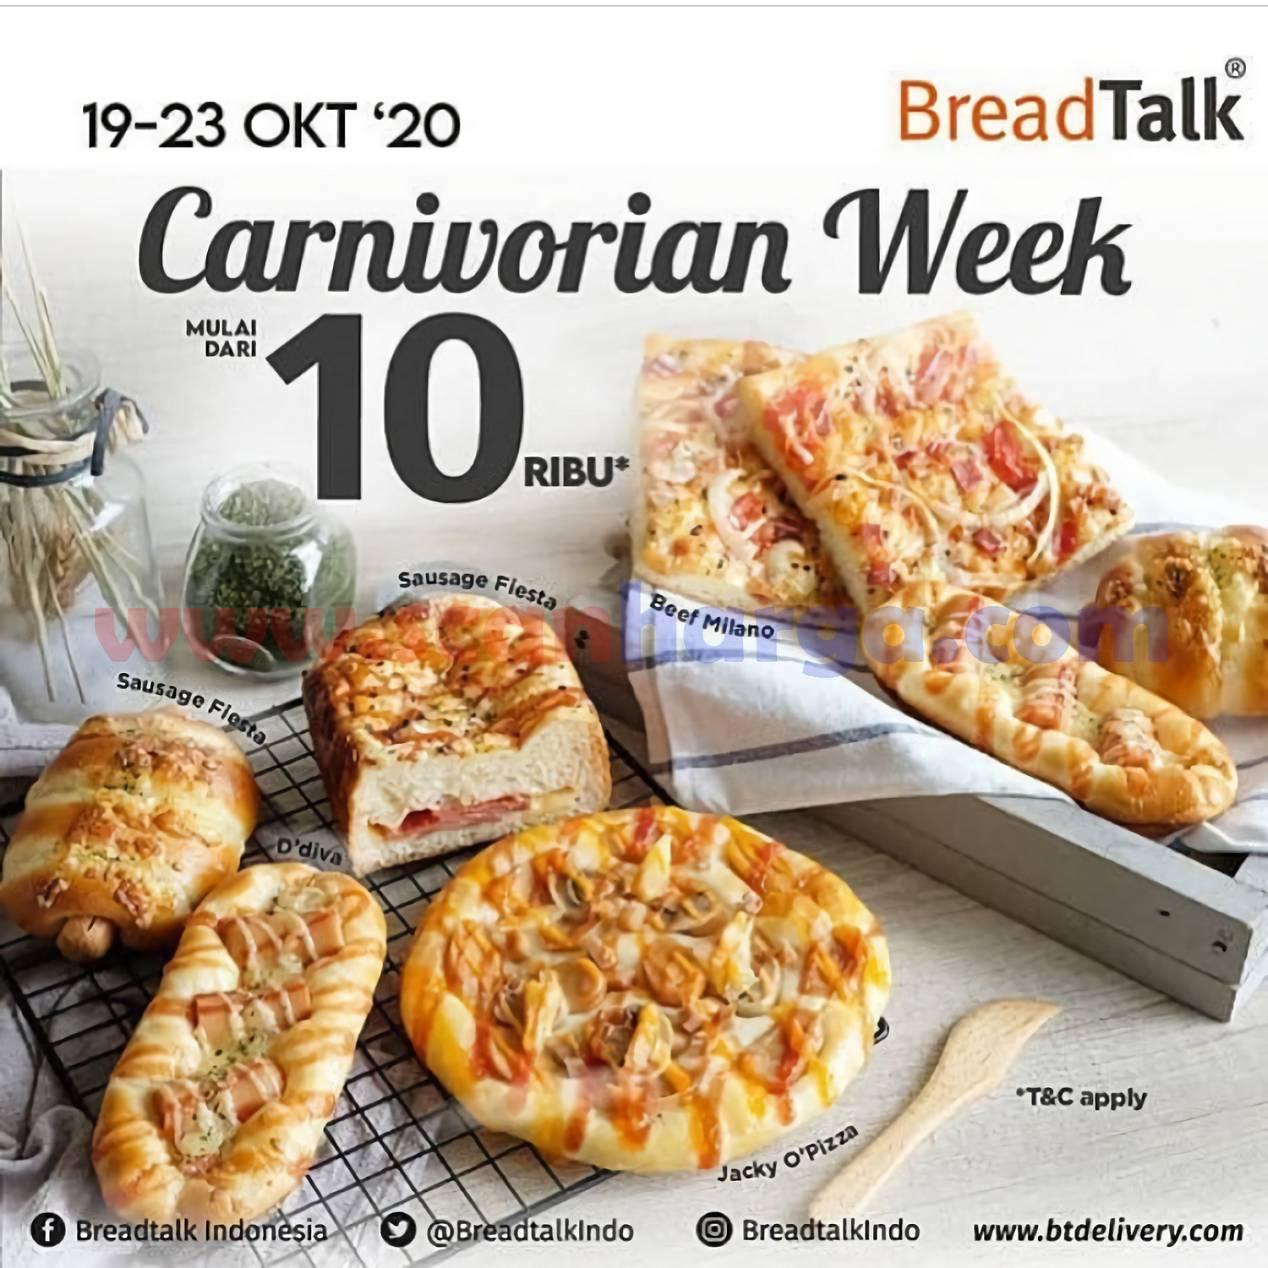 Promo Breadtalk Carnivorian Week [All Meat Variant] mulai dari Rp 10.000*